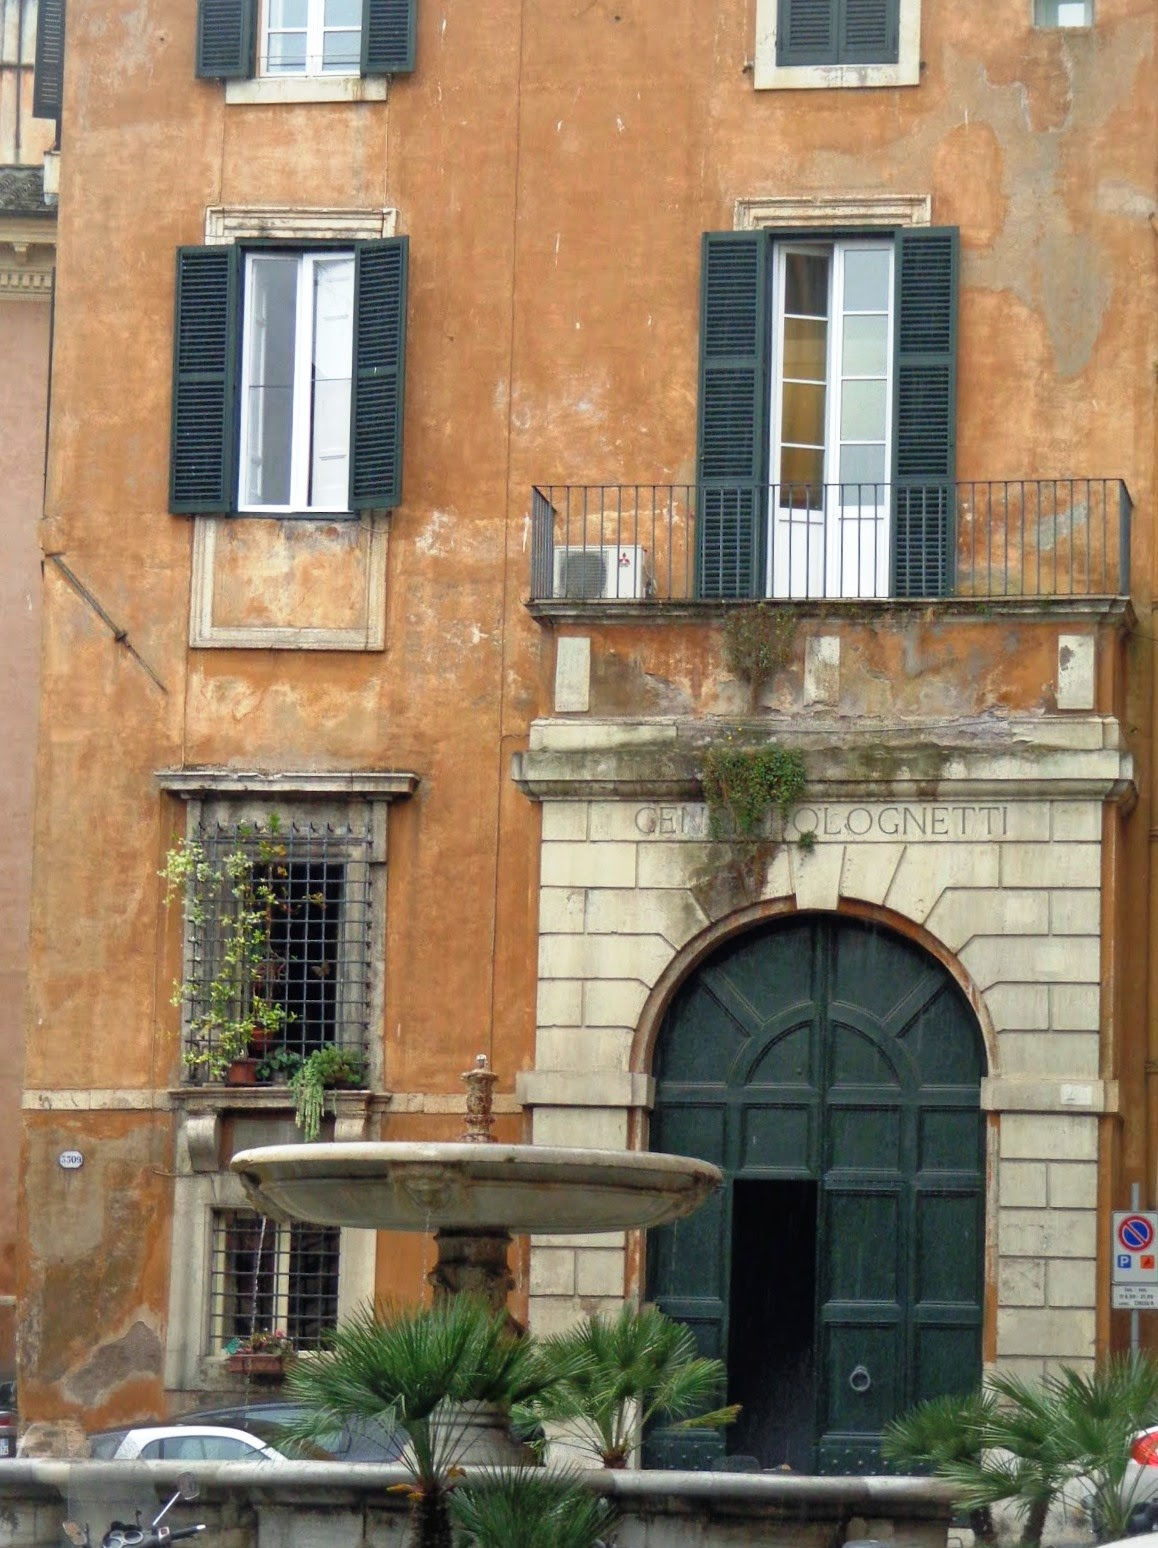 Palazzo Cenci Bolognetti